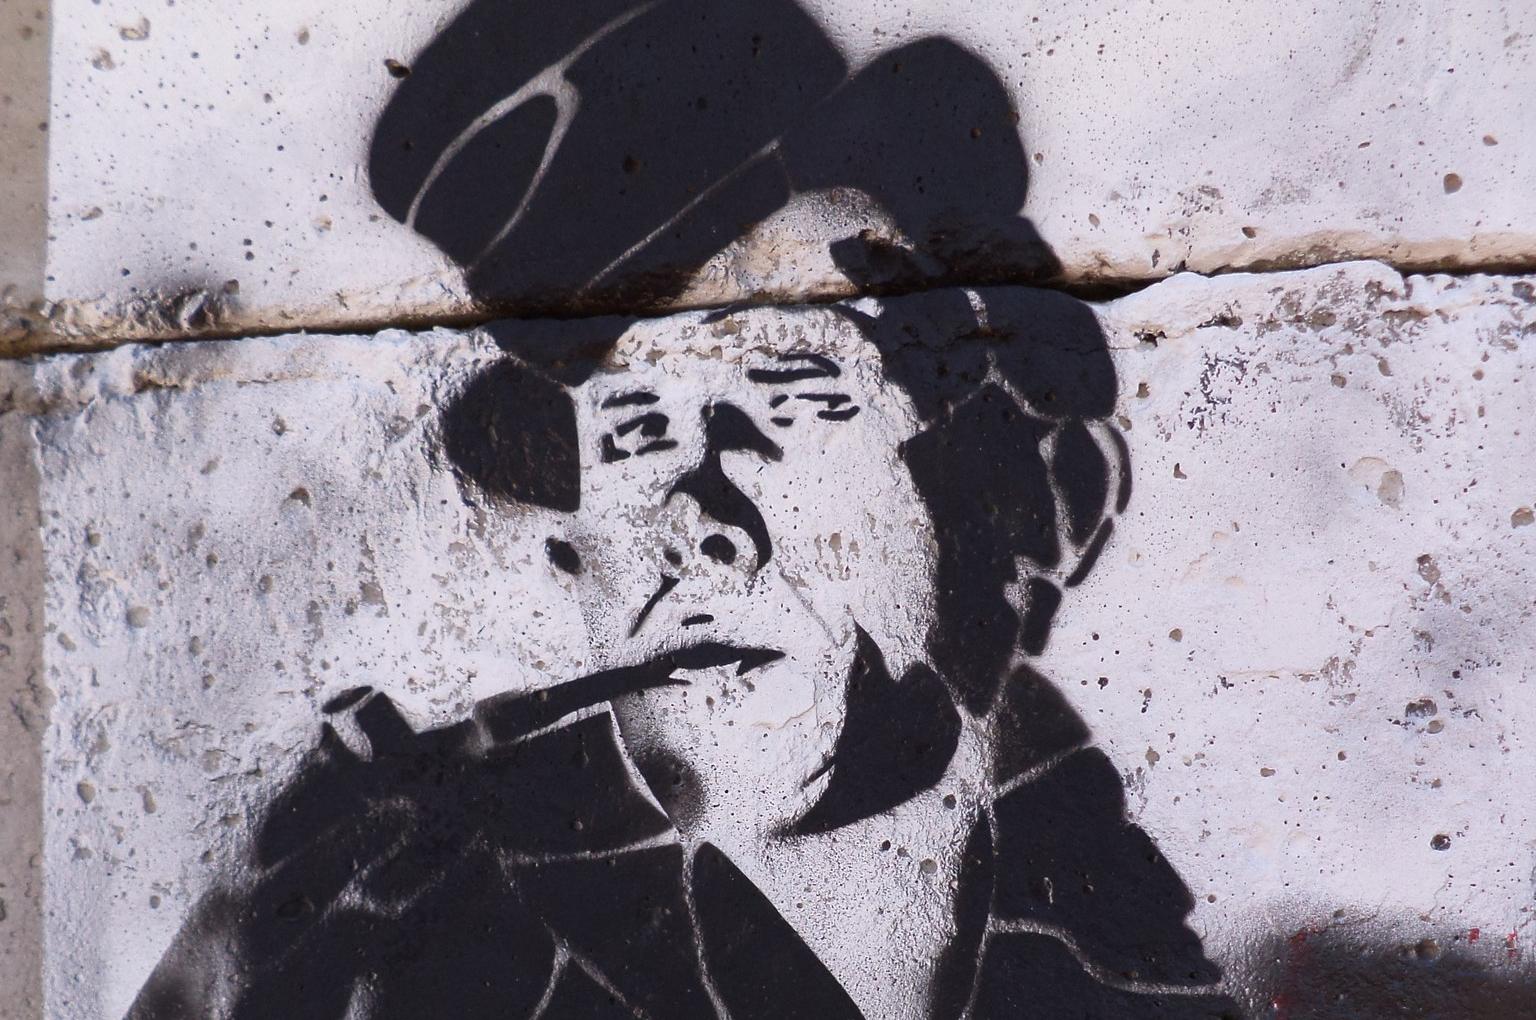 Граффити с портретом Даниила Хармса